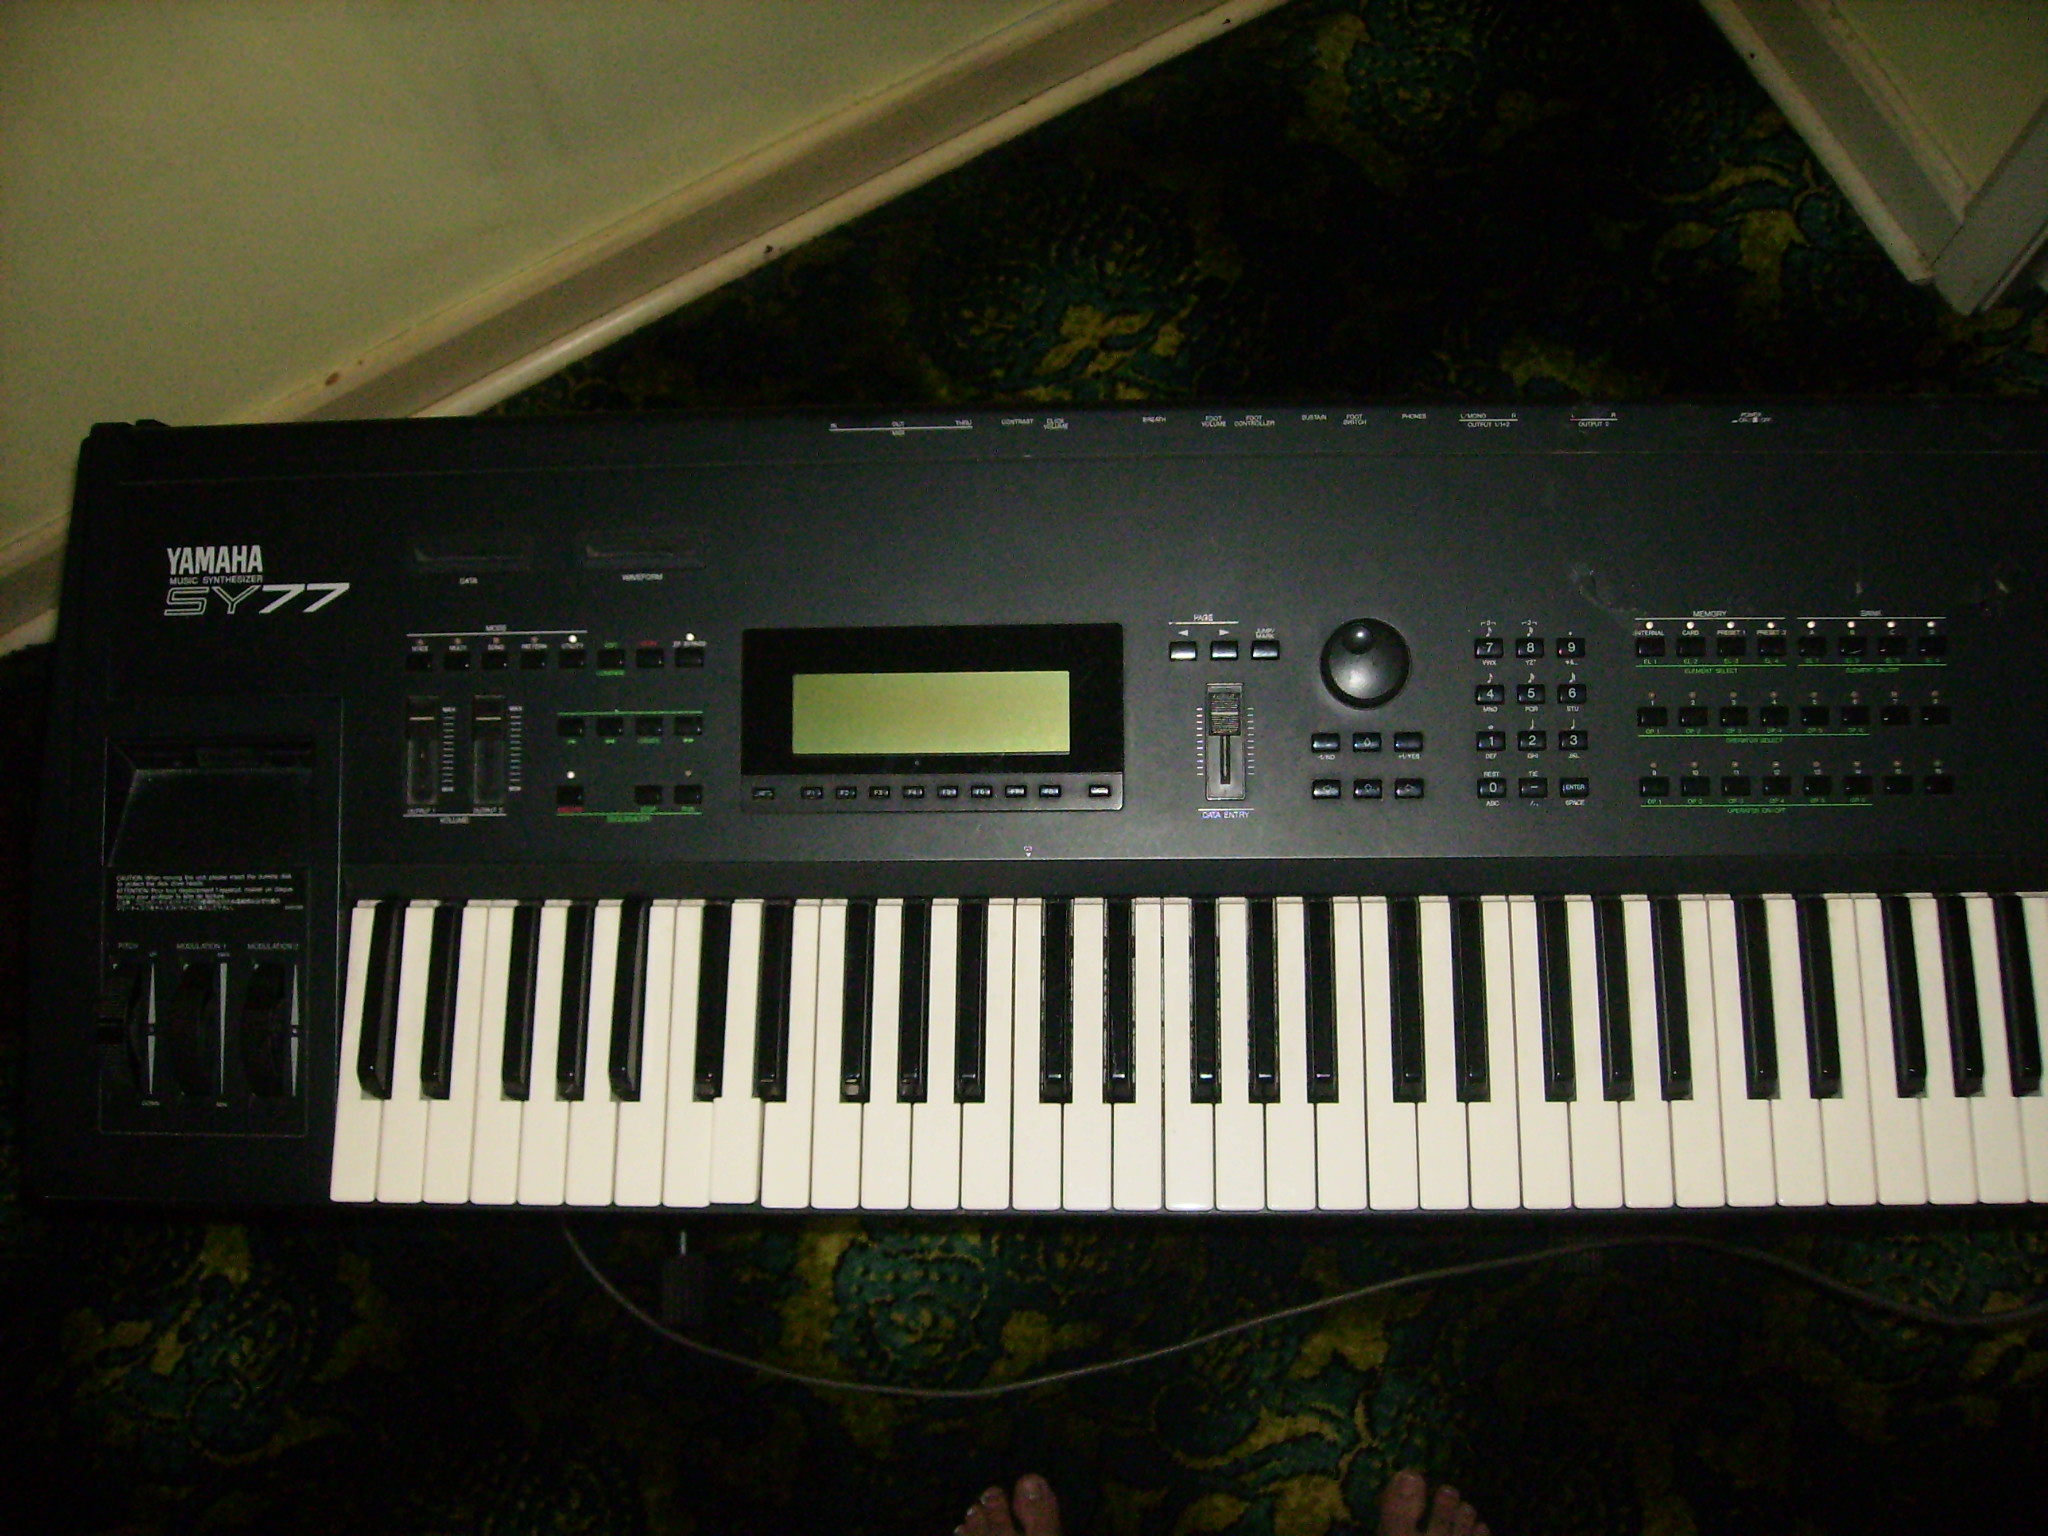 Yamaha SY77 - Wikipedia